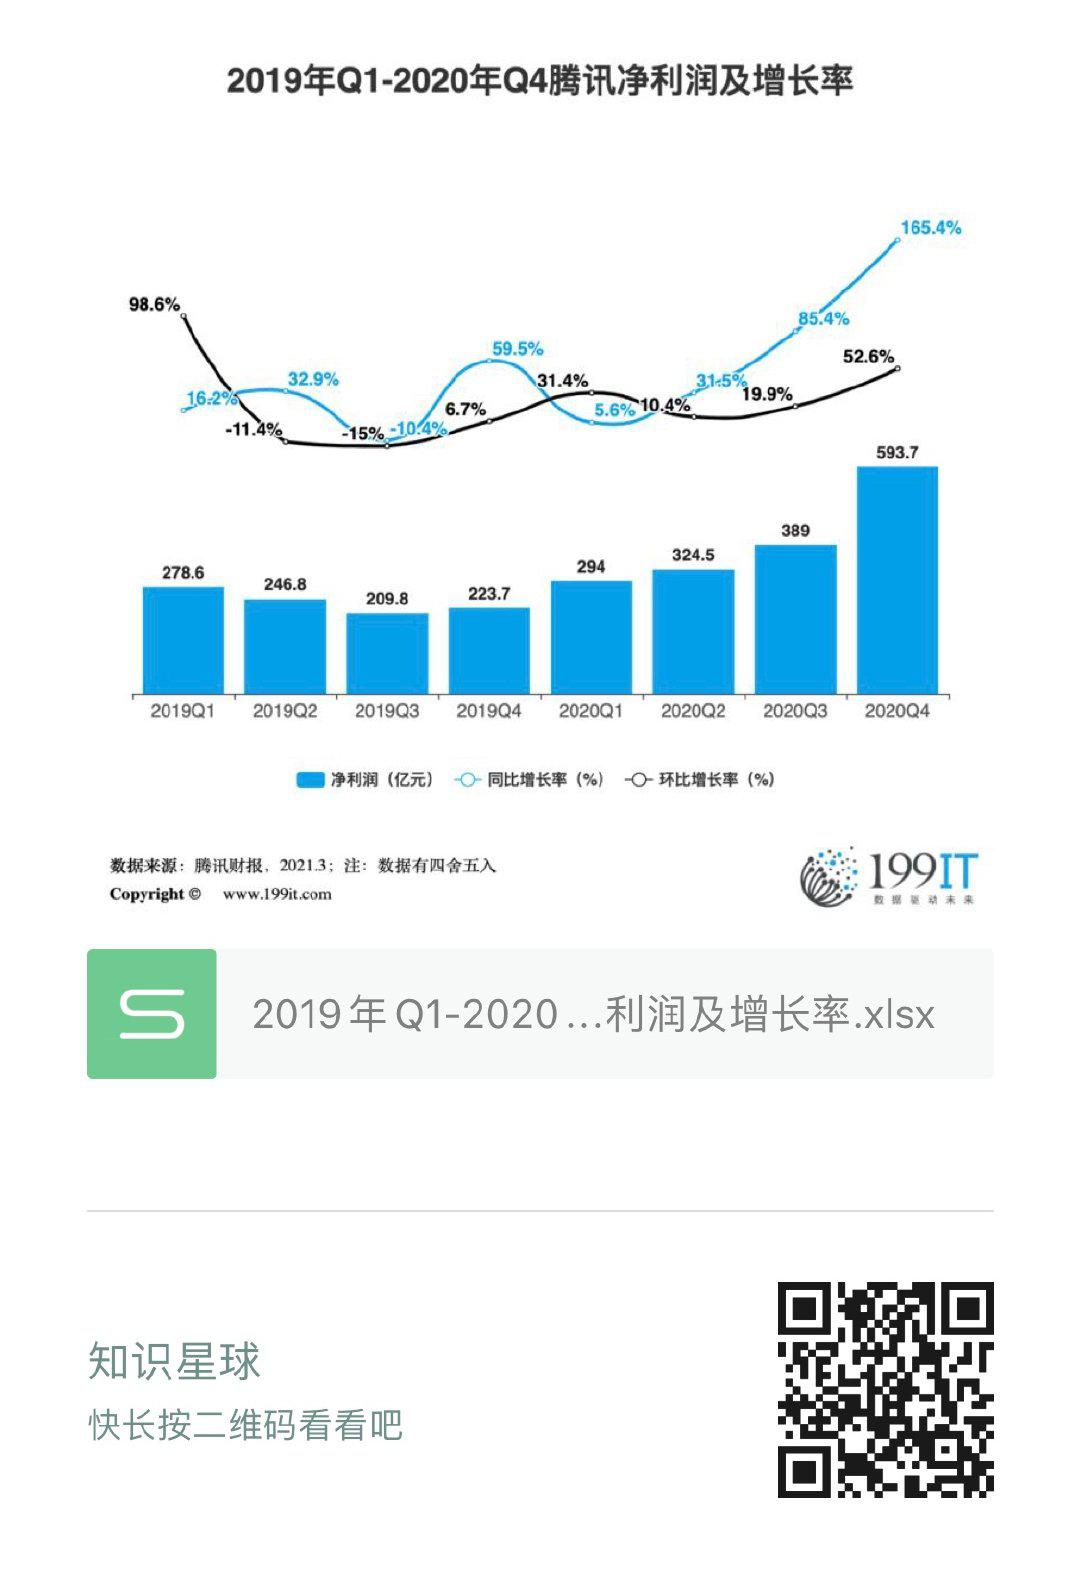 2019年Q1-2020年Q4騰訊淨利潤及增長率(附原資料表) 